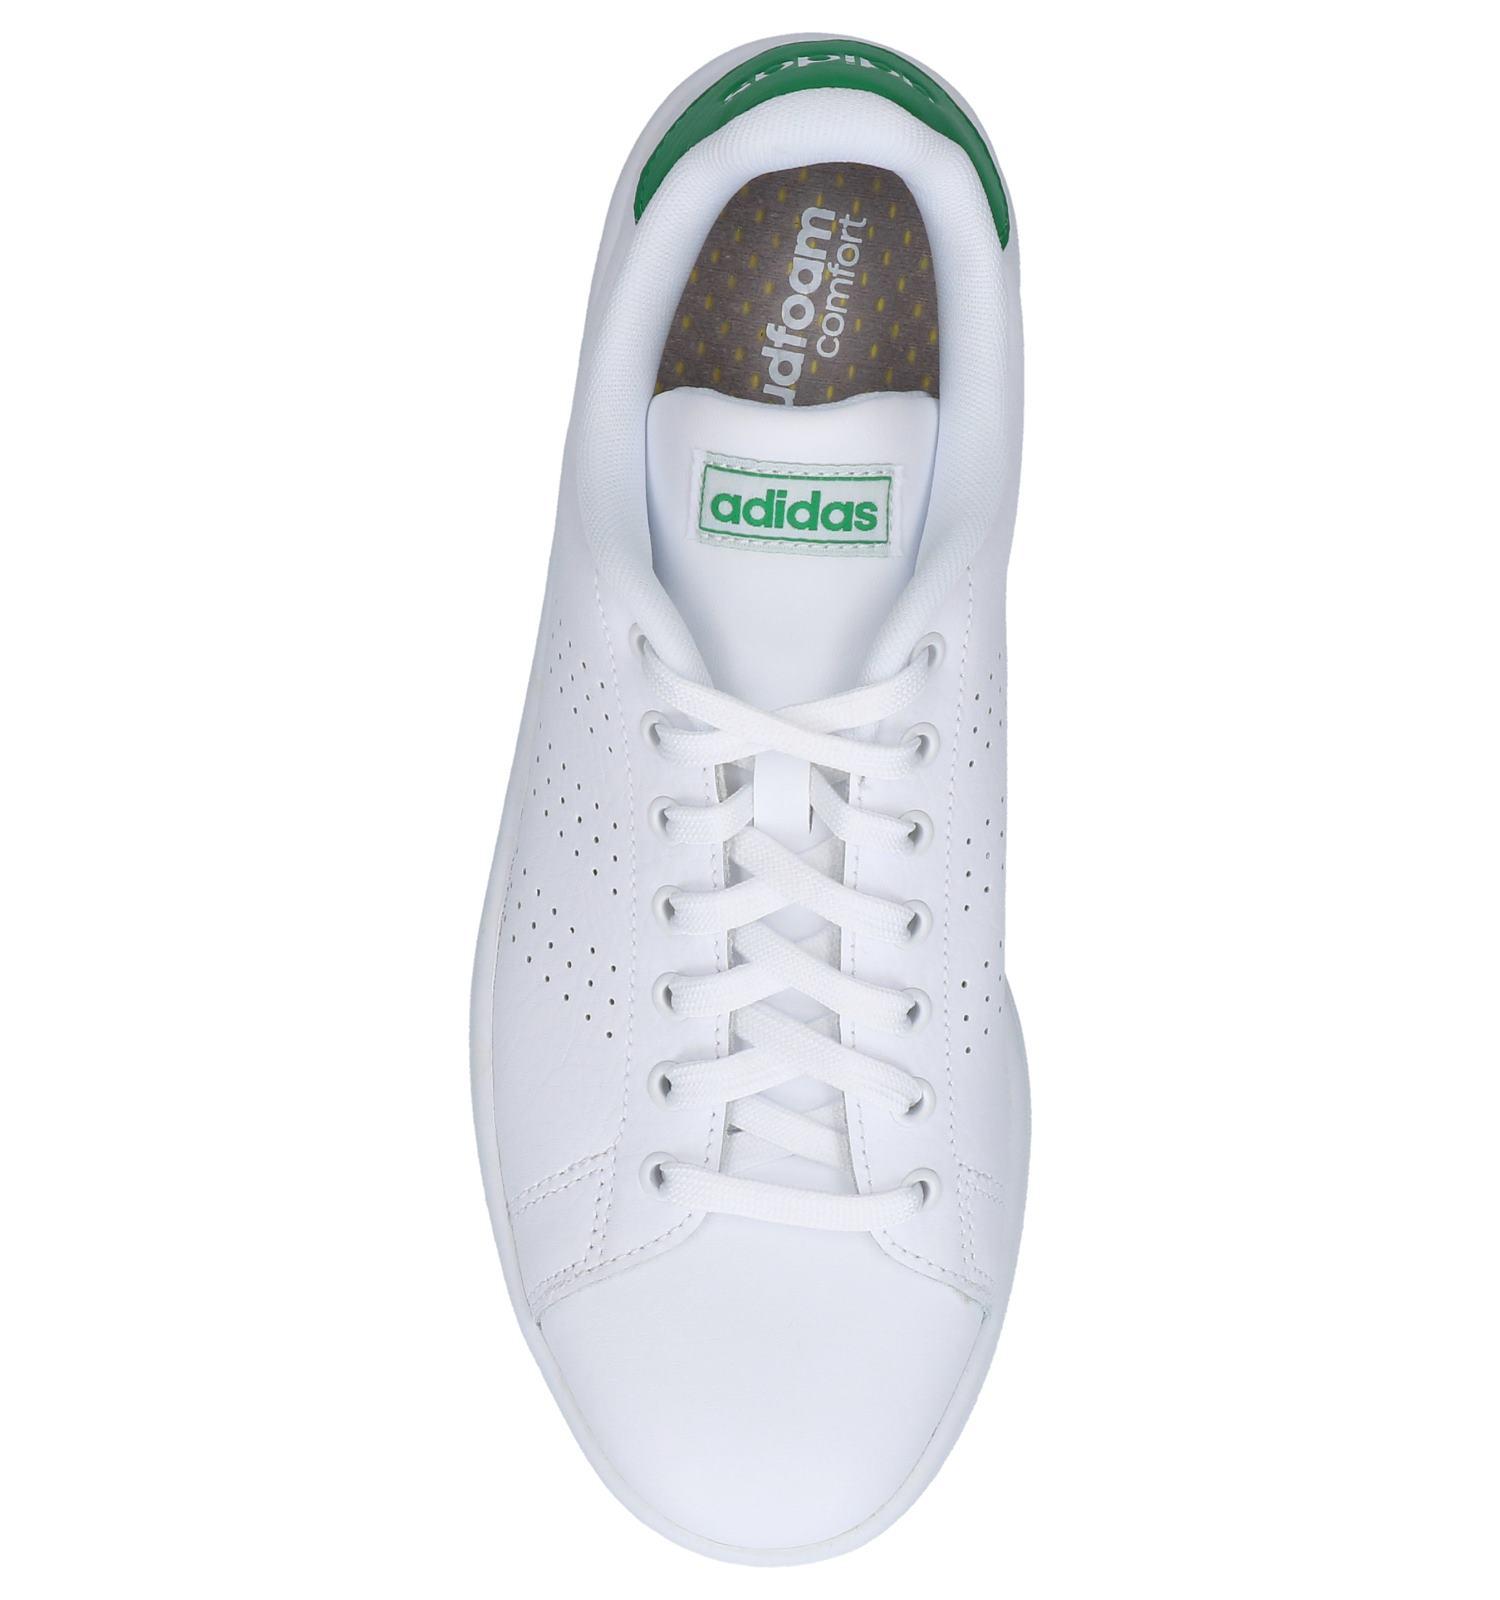 Baskets Adidas Et Livraison be Retour Gratuits BassesblancTorfs PXuOkZi